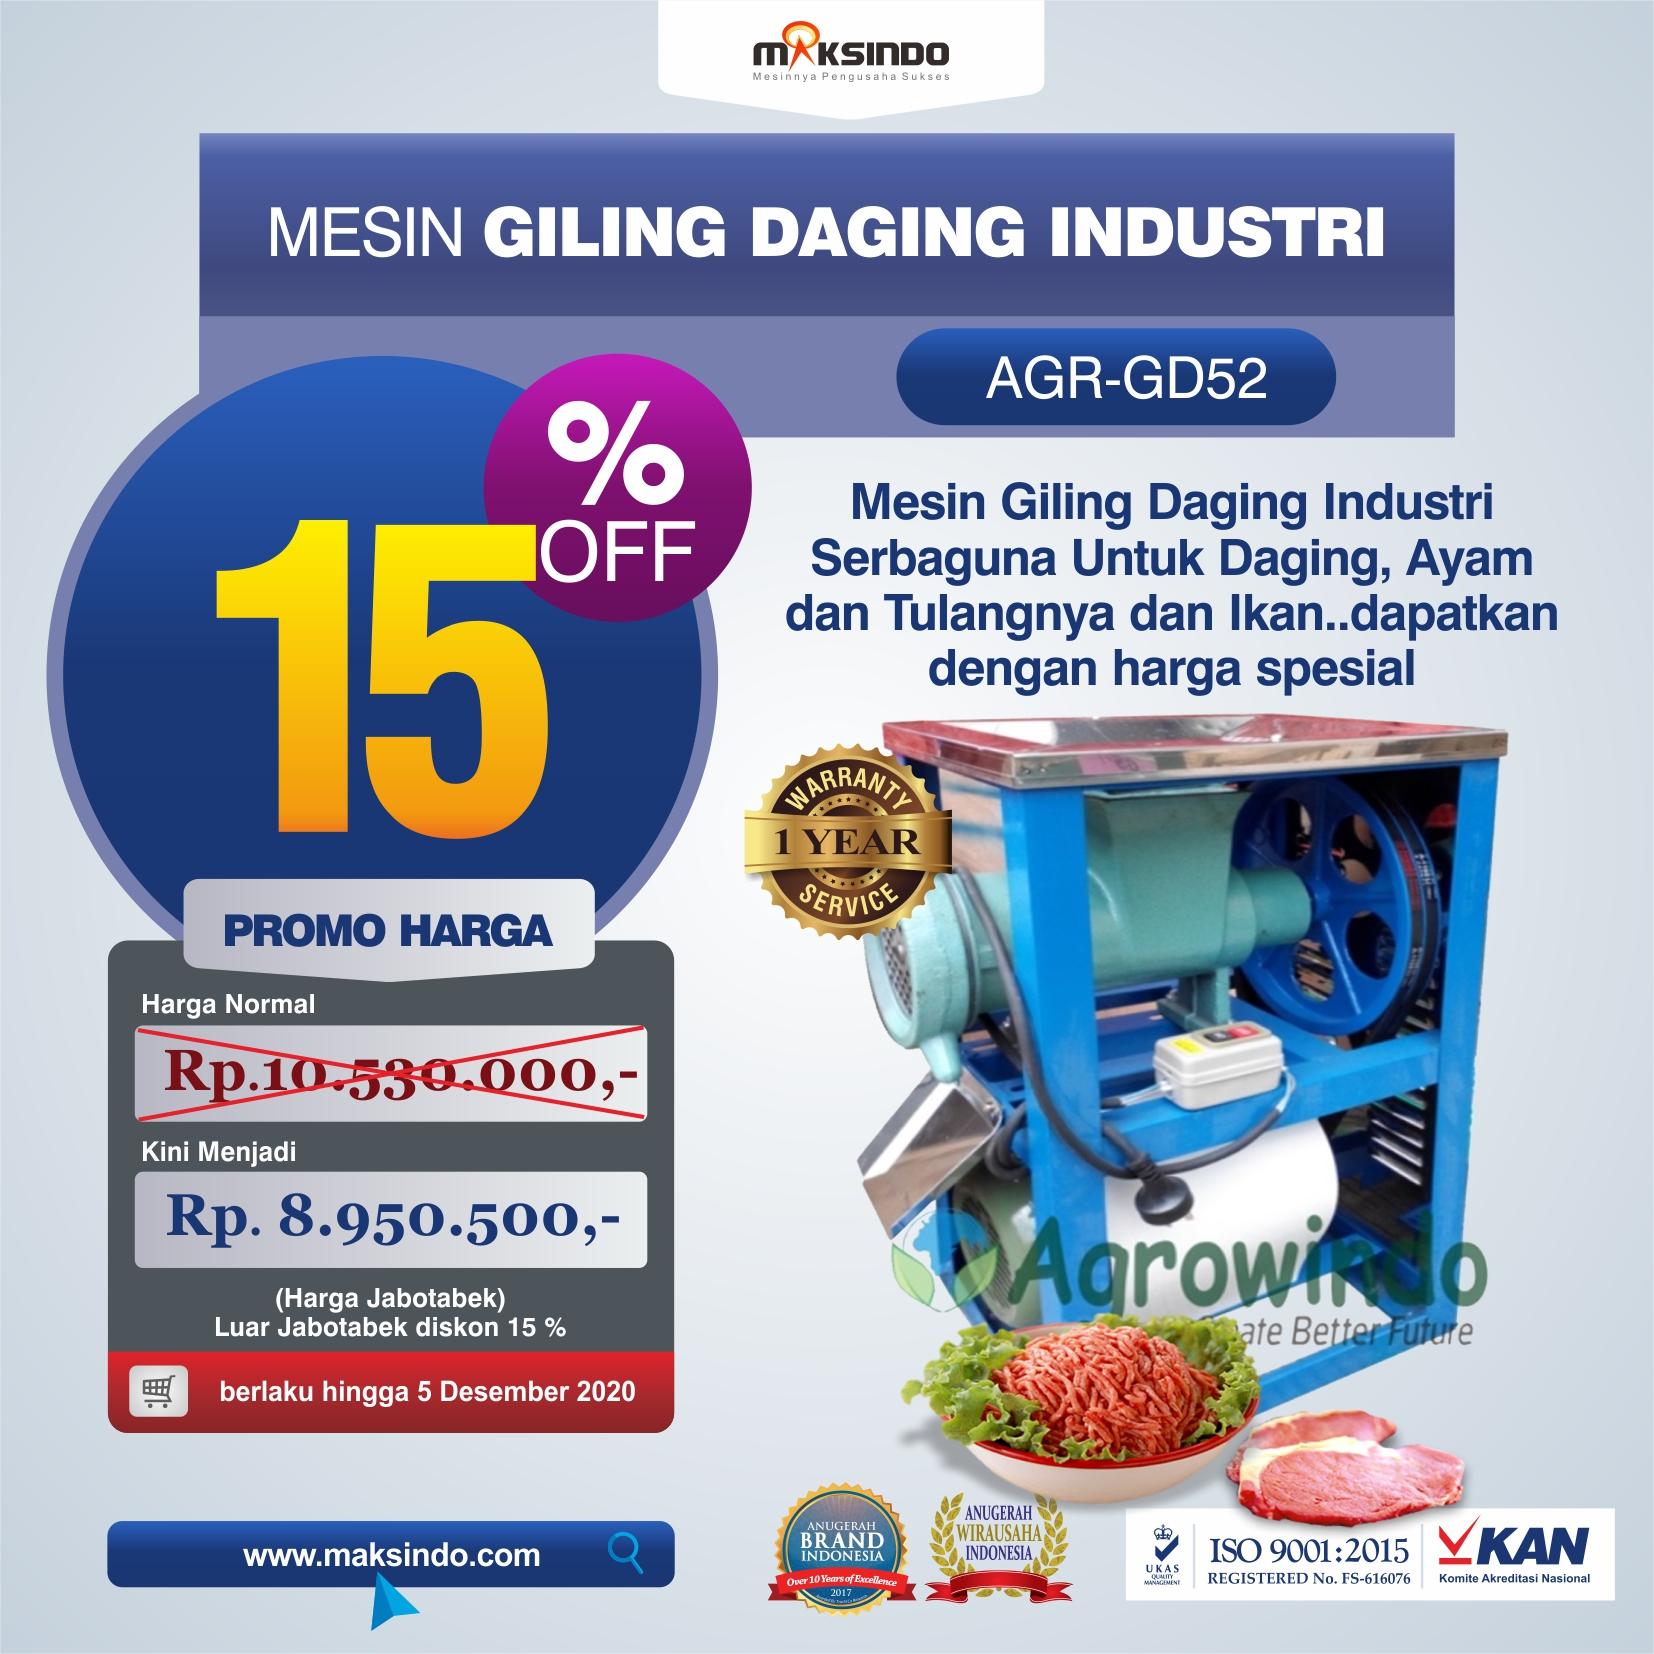 Jual Mesin Giling Daging Industri (AGR-GD52) di Semarang